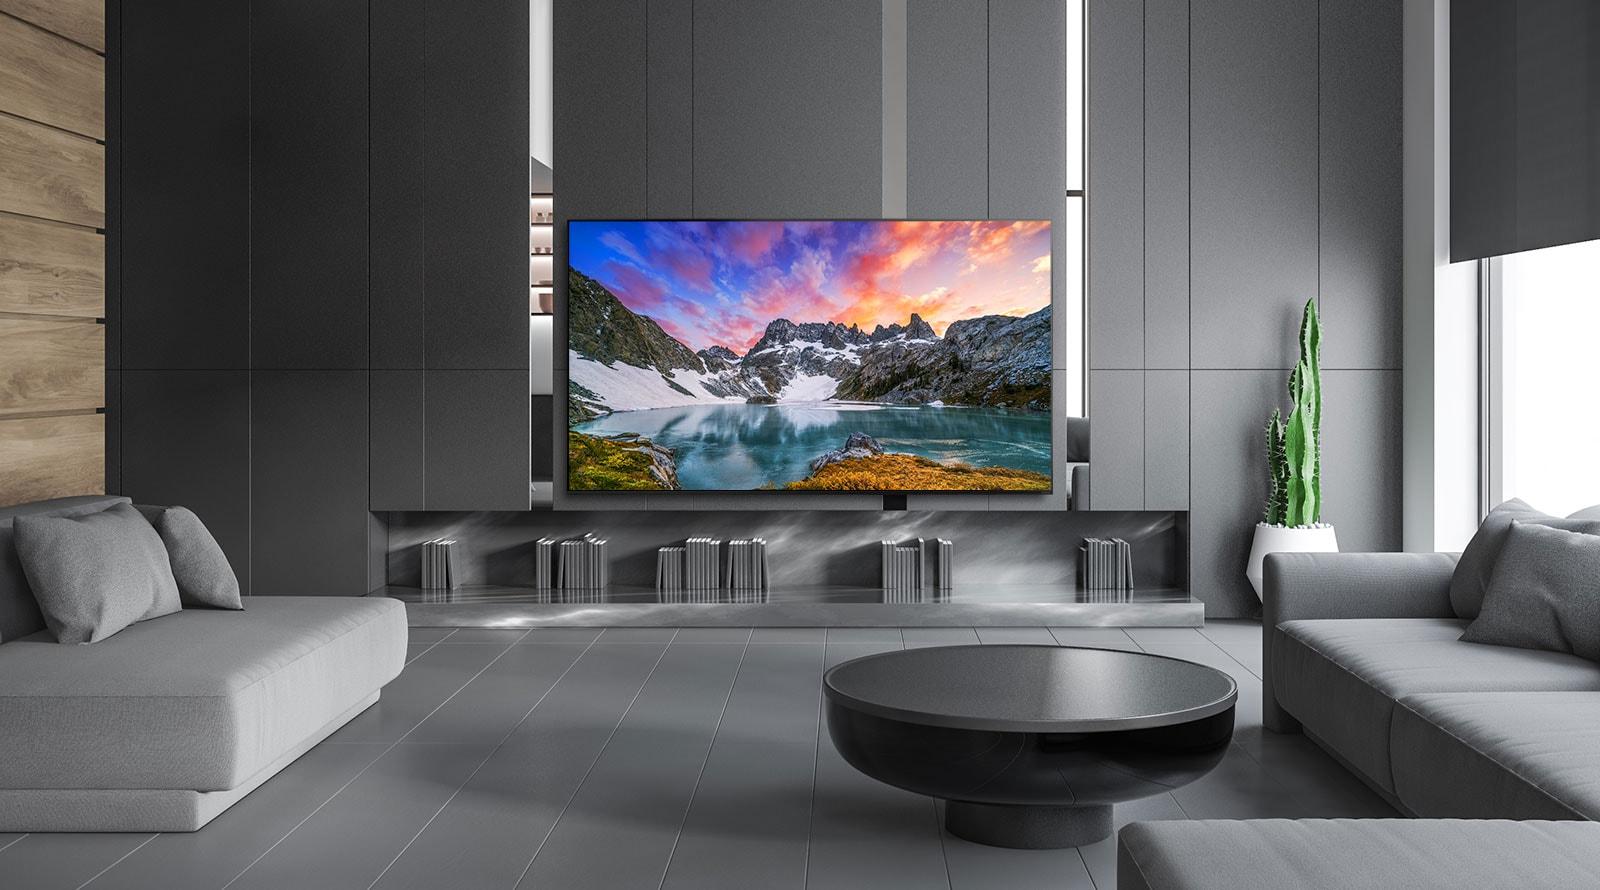 Televisor que muestra una vista de la naturaleza a la altura de los ojos en un entorno lujoso